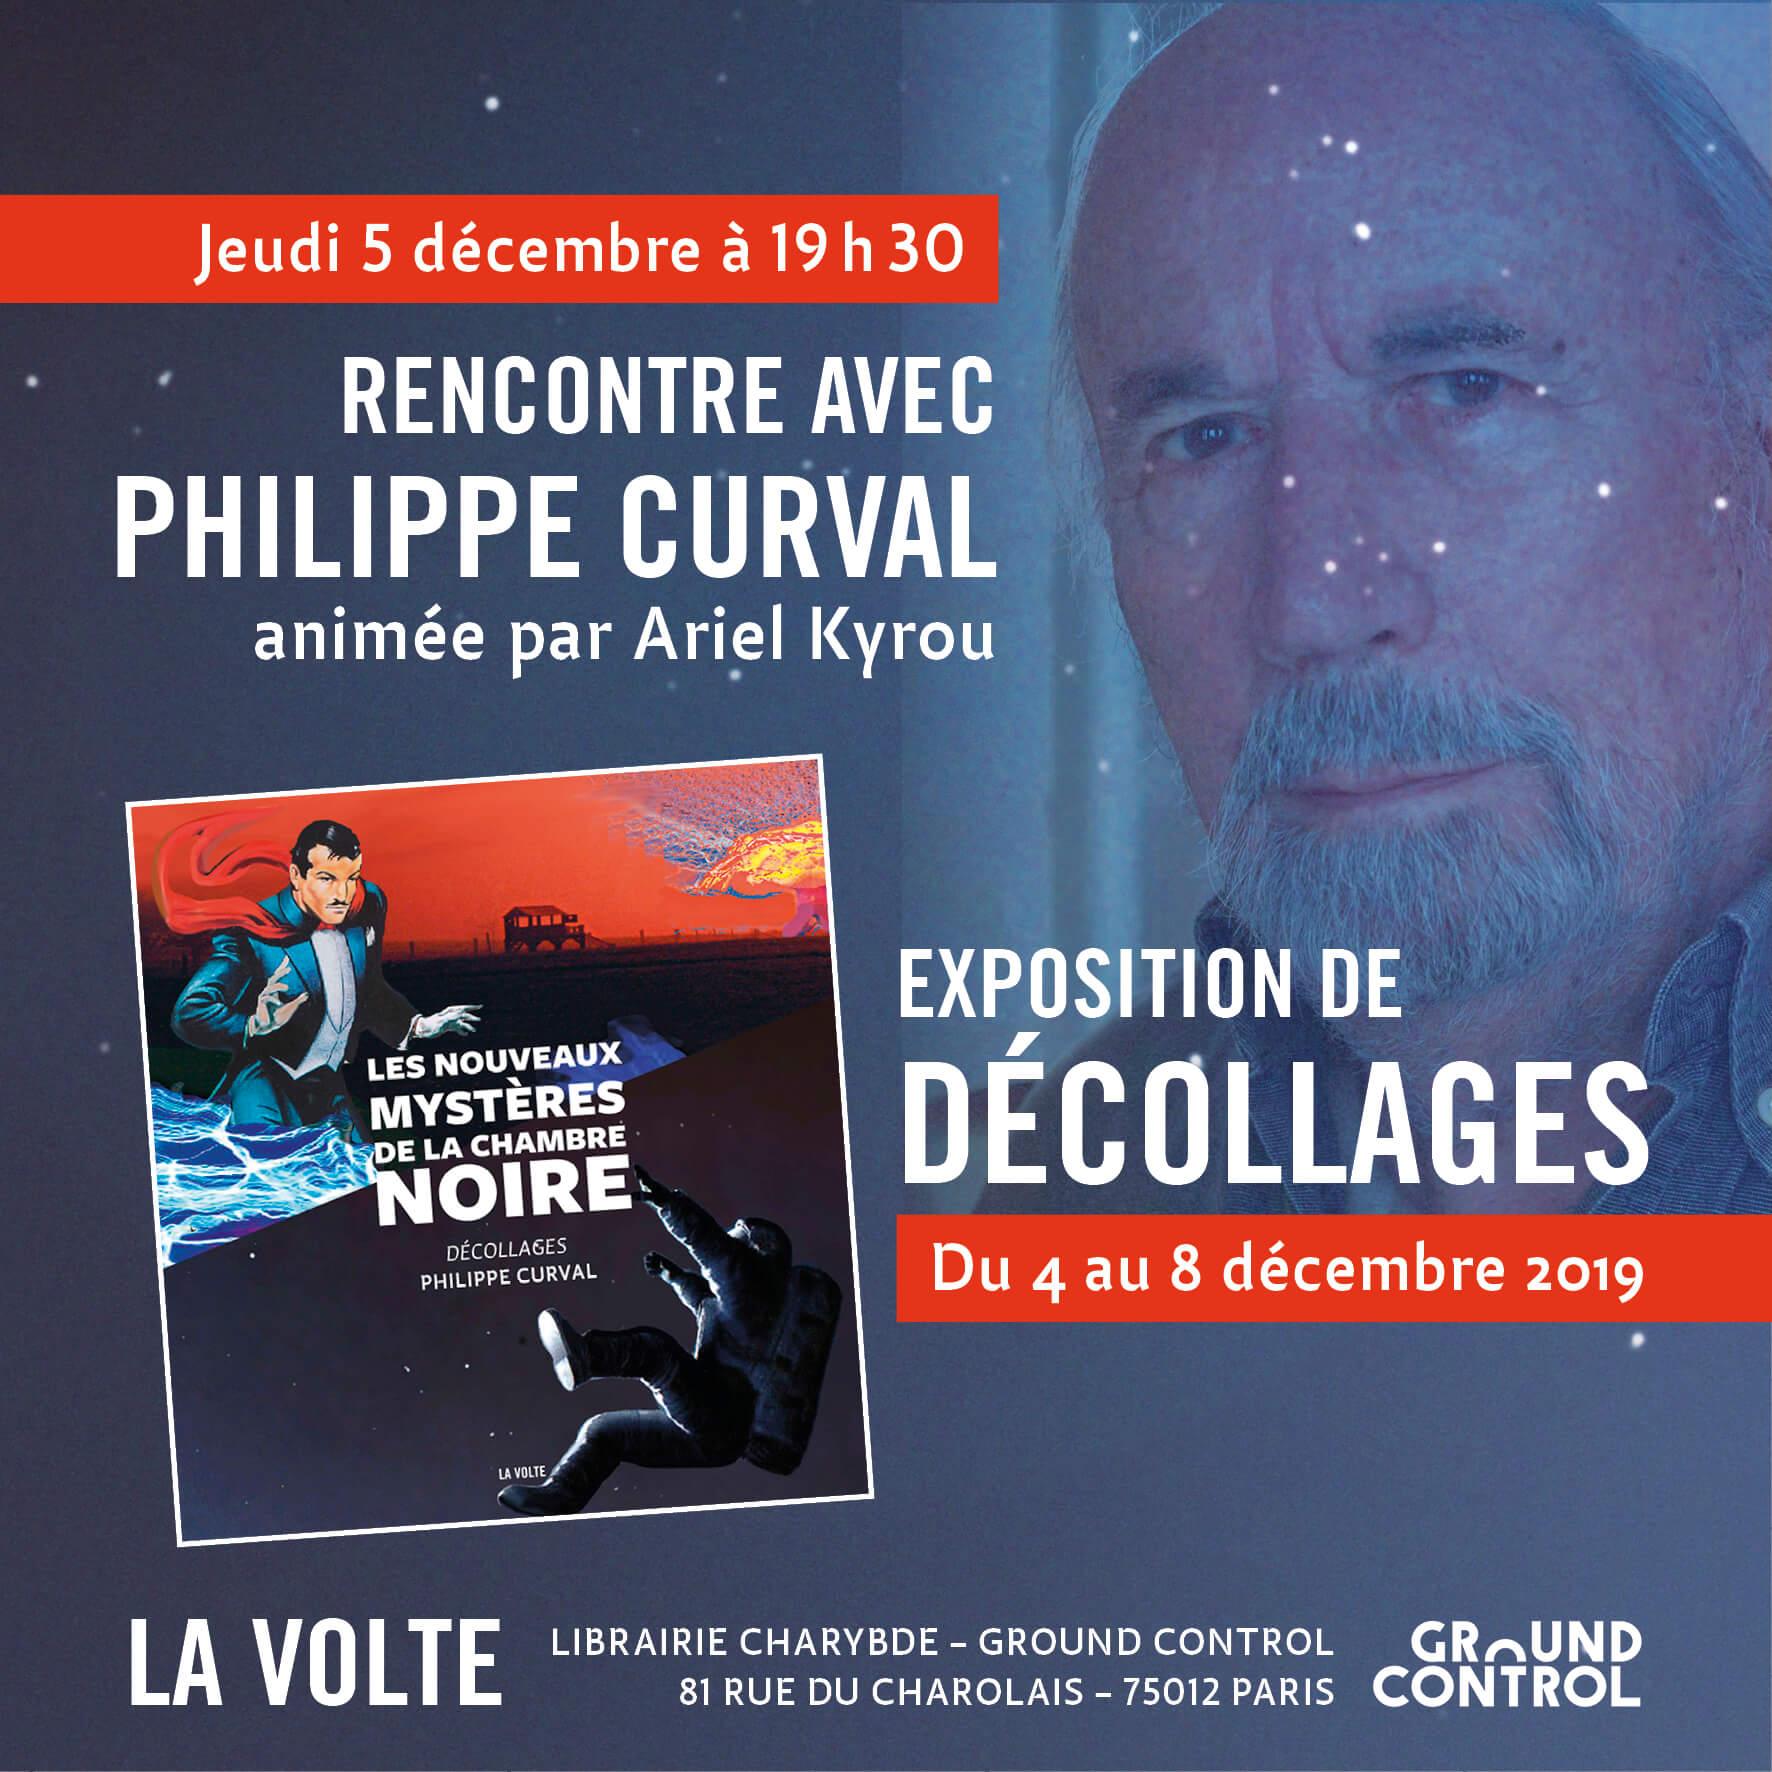 Rencontre avec Philippe Curval + Encombrants